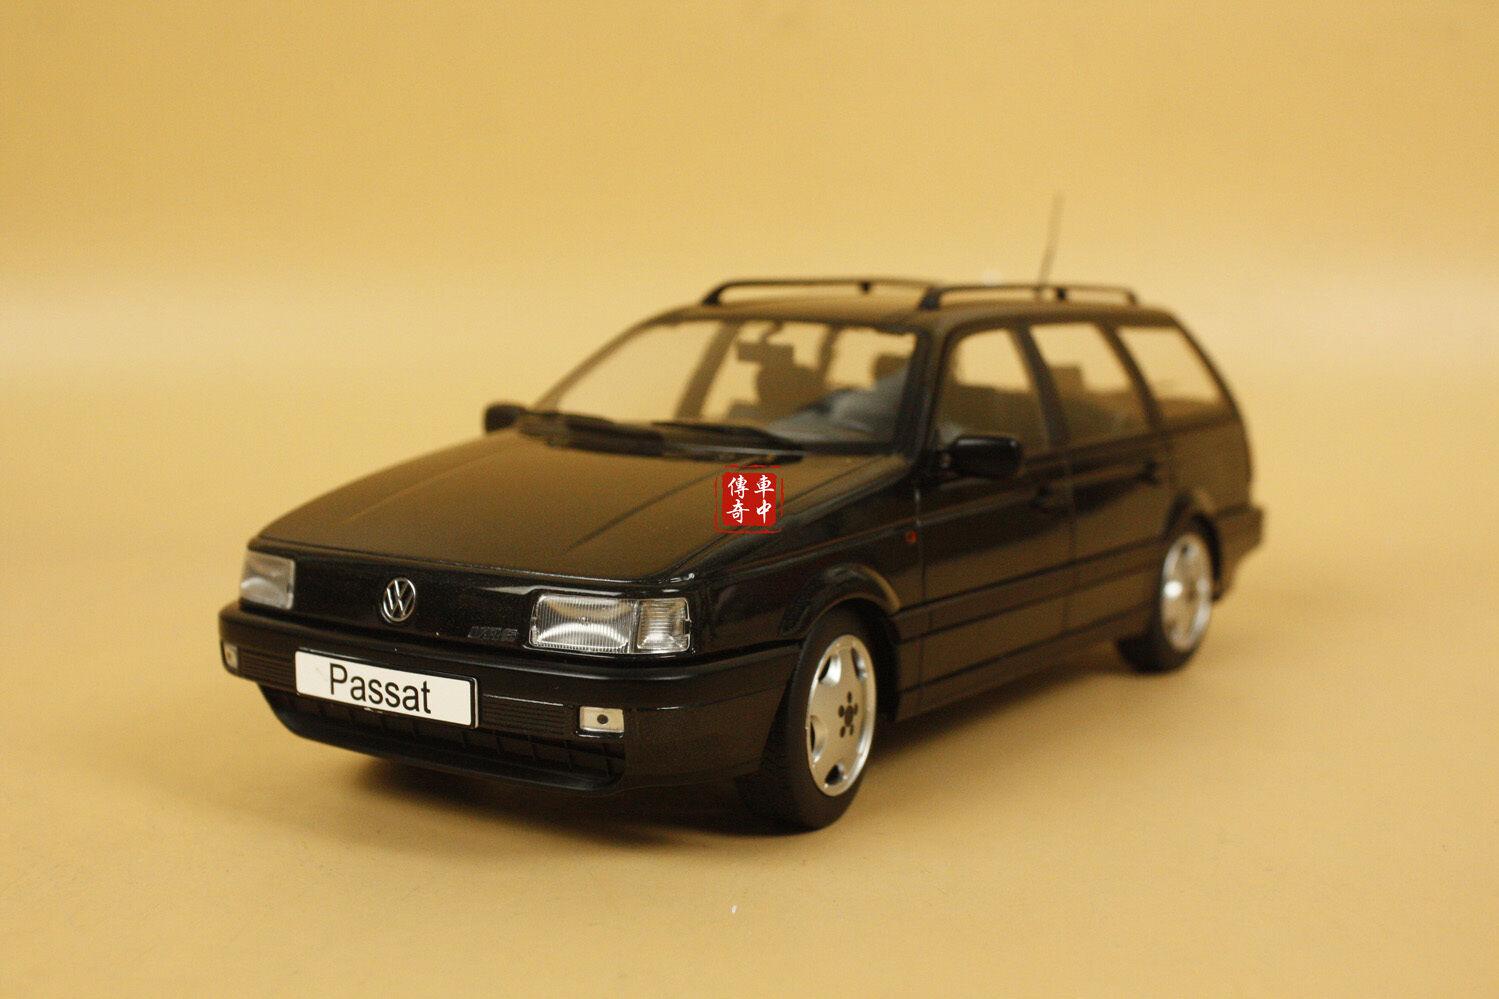 1 18 KK-Scale Volkswagen VW Passat B3 Noir Couleur Résine Modèle